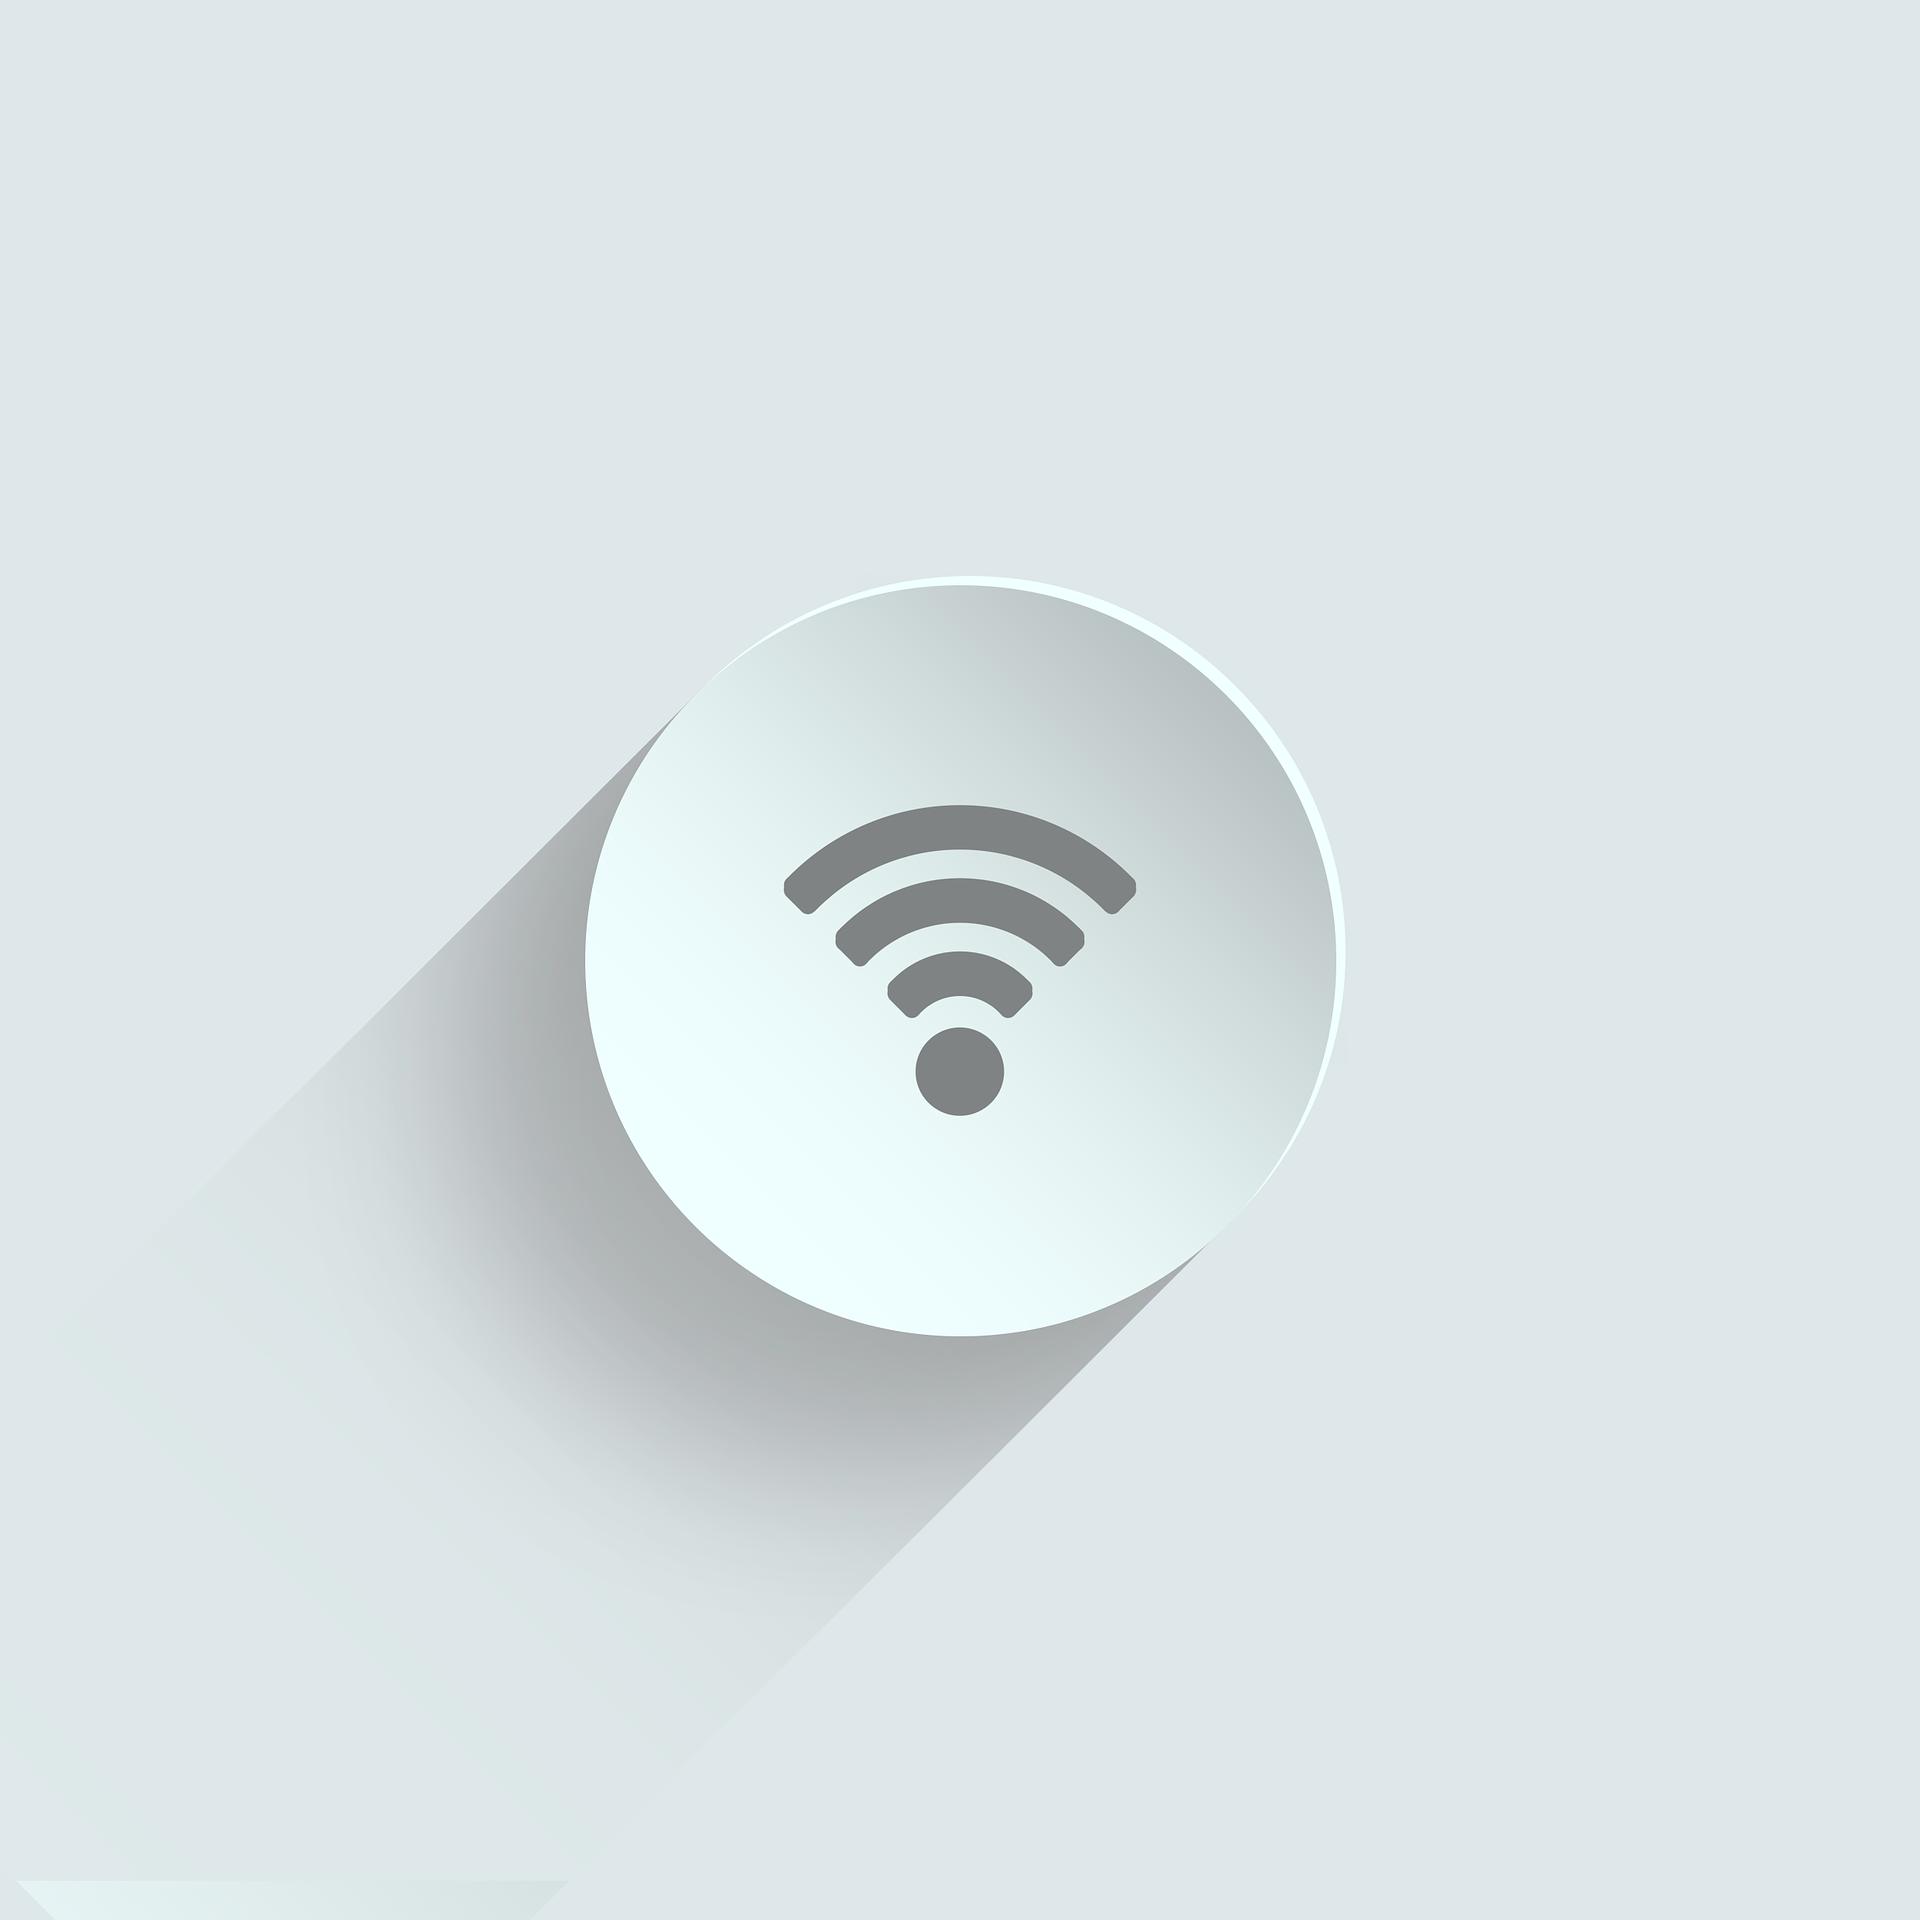 Obrázek: Připojení až 100× rychlejší než 4G: V roce 2019 se dočkáme prvních 5G telefonů